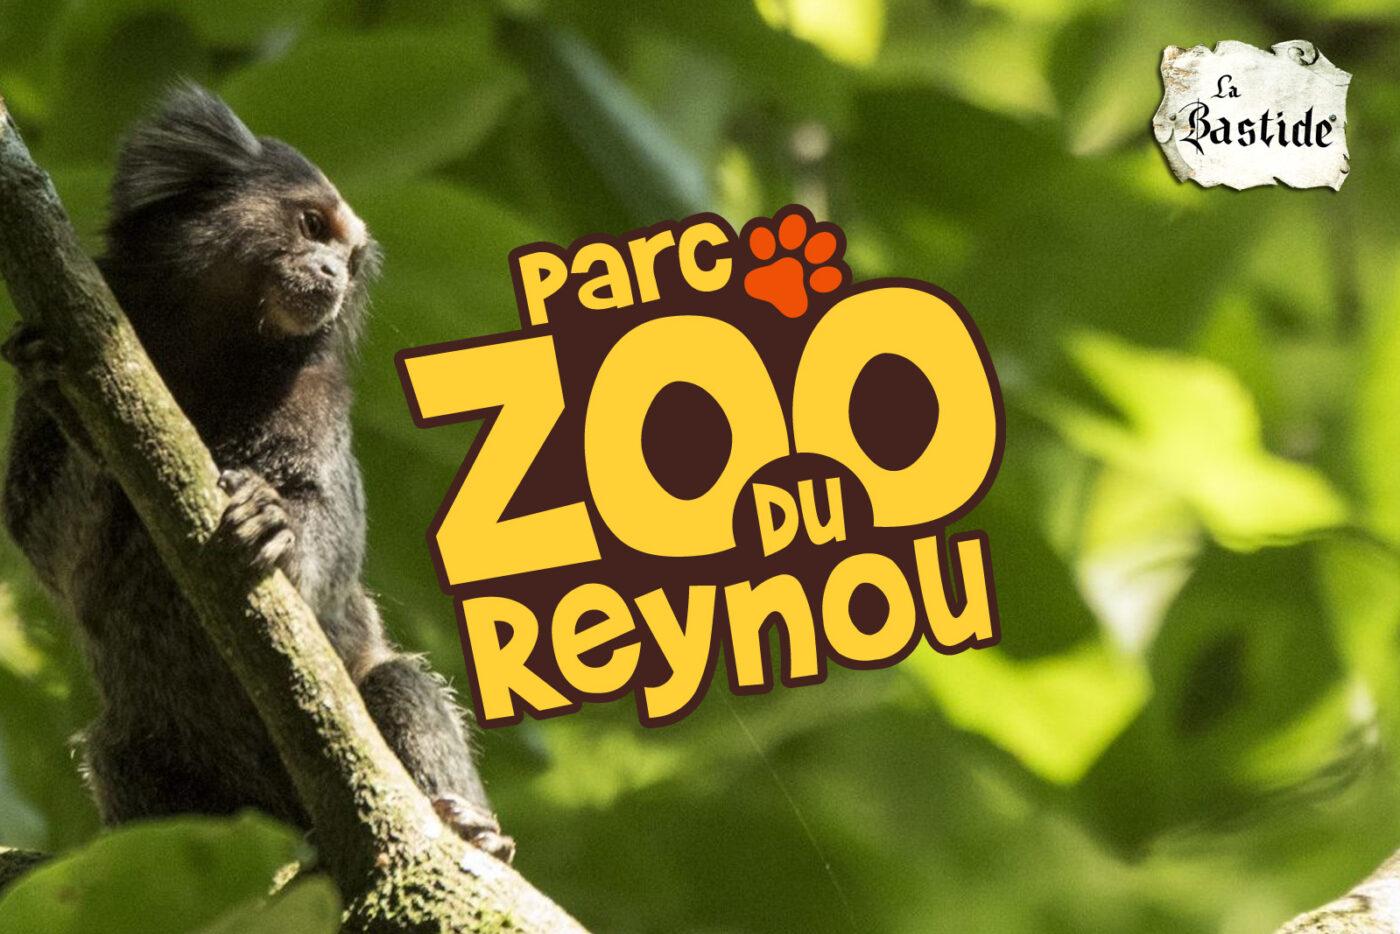 Dierentuin (Parc Zoo du Reynou) kasteel, dierenpark en tuinen!